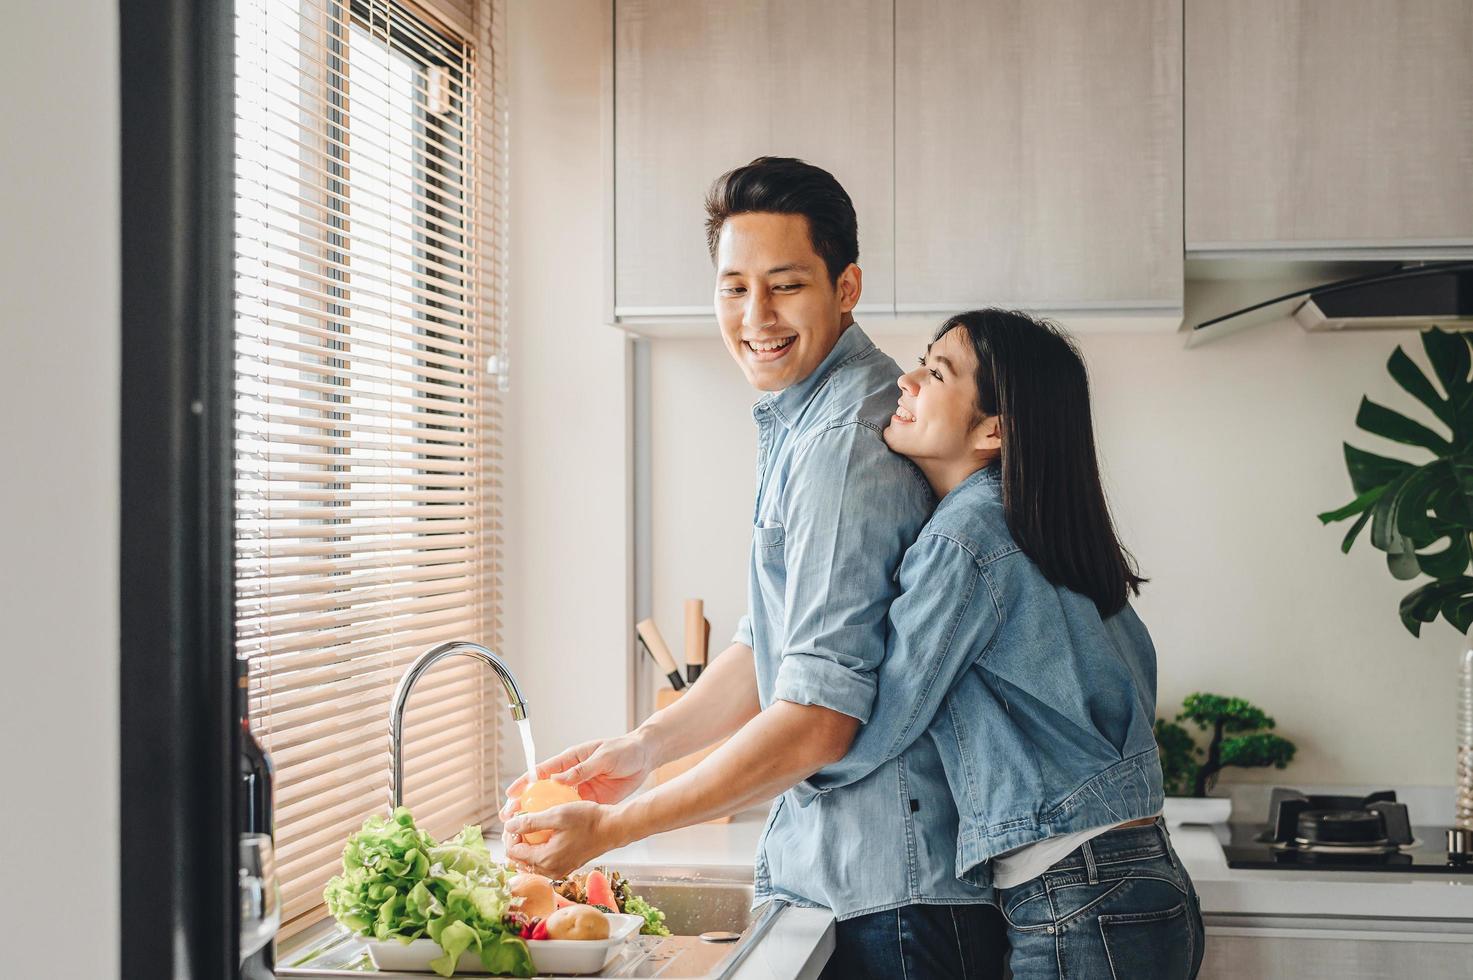 Pareja asiática lavar verduras en el fregadero de la cocina foto